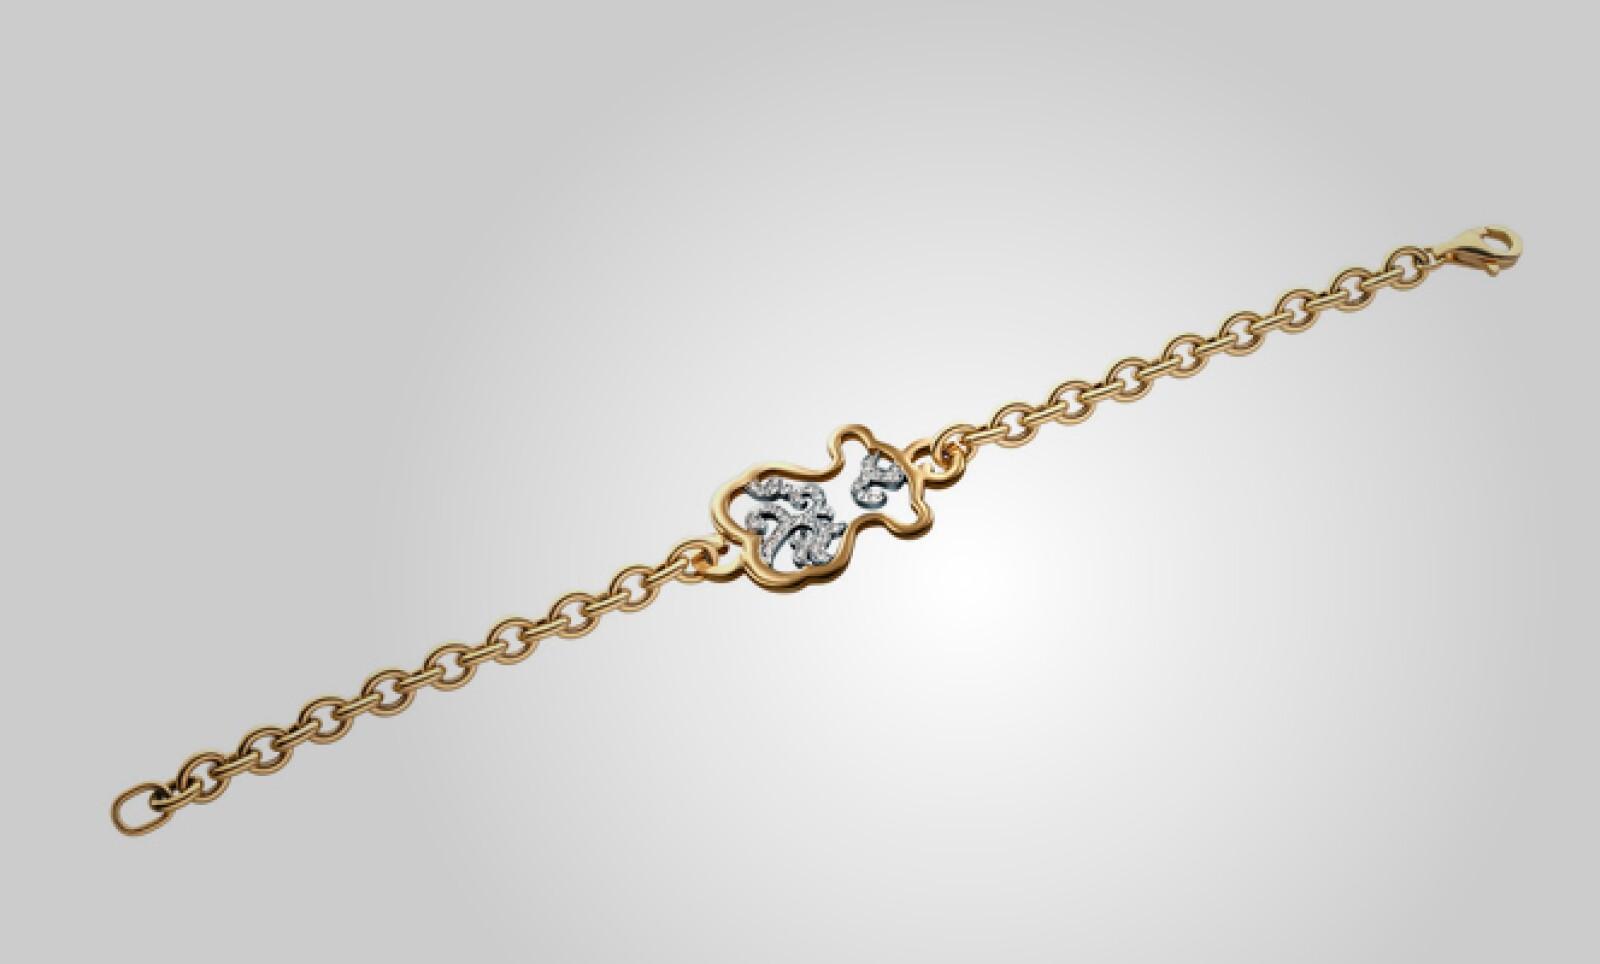 Una pulsera en oro y plata, con pequeños brillantes al centro, le da un toque diferente a tu 'outfit'.